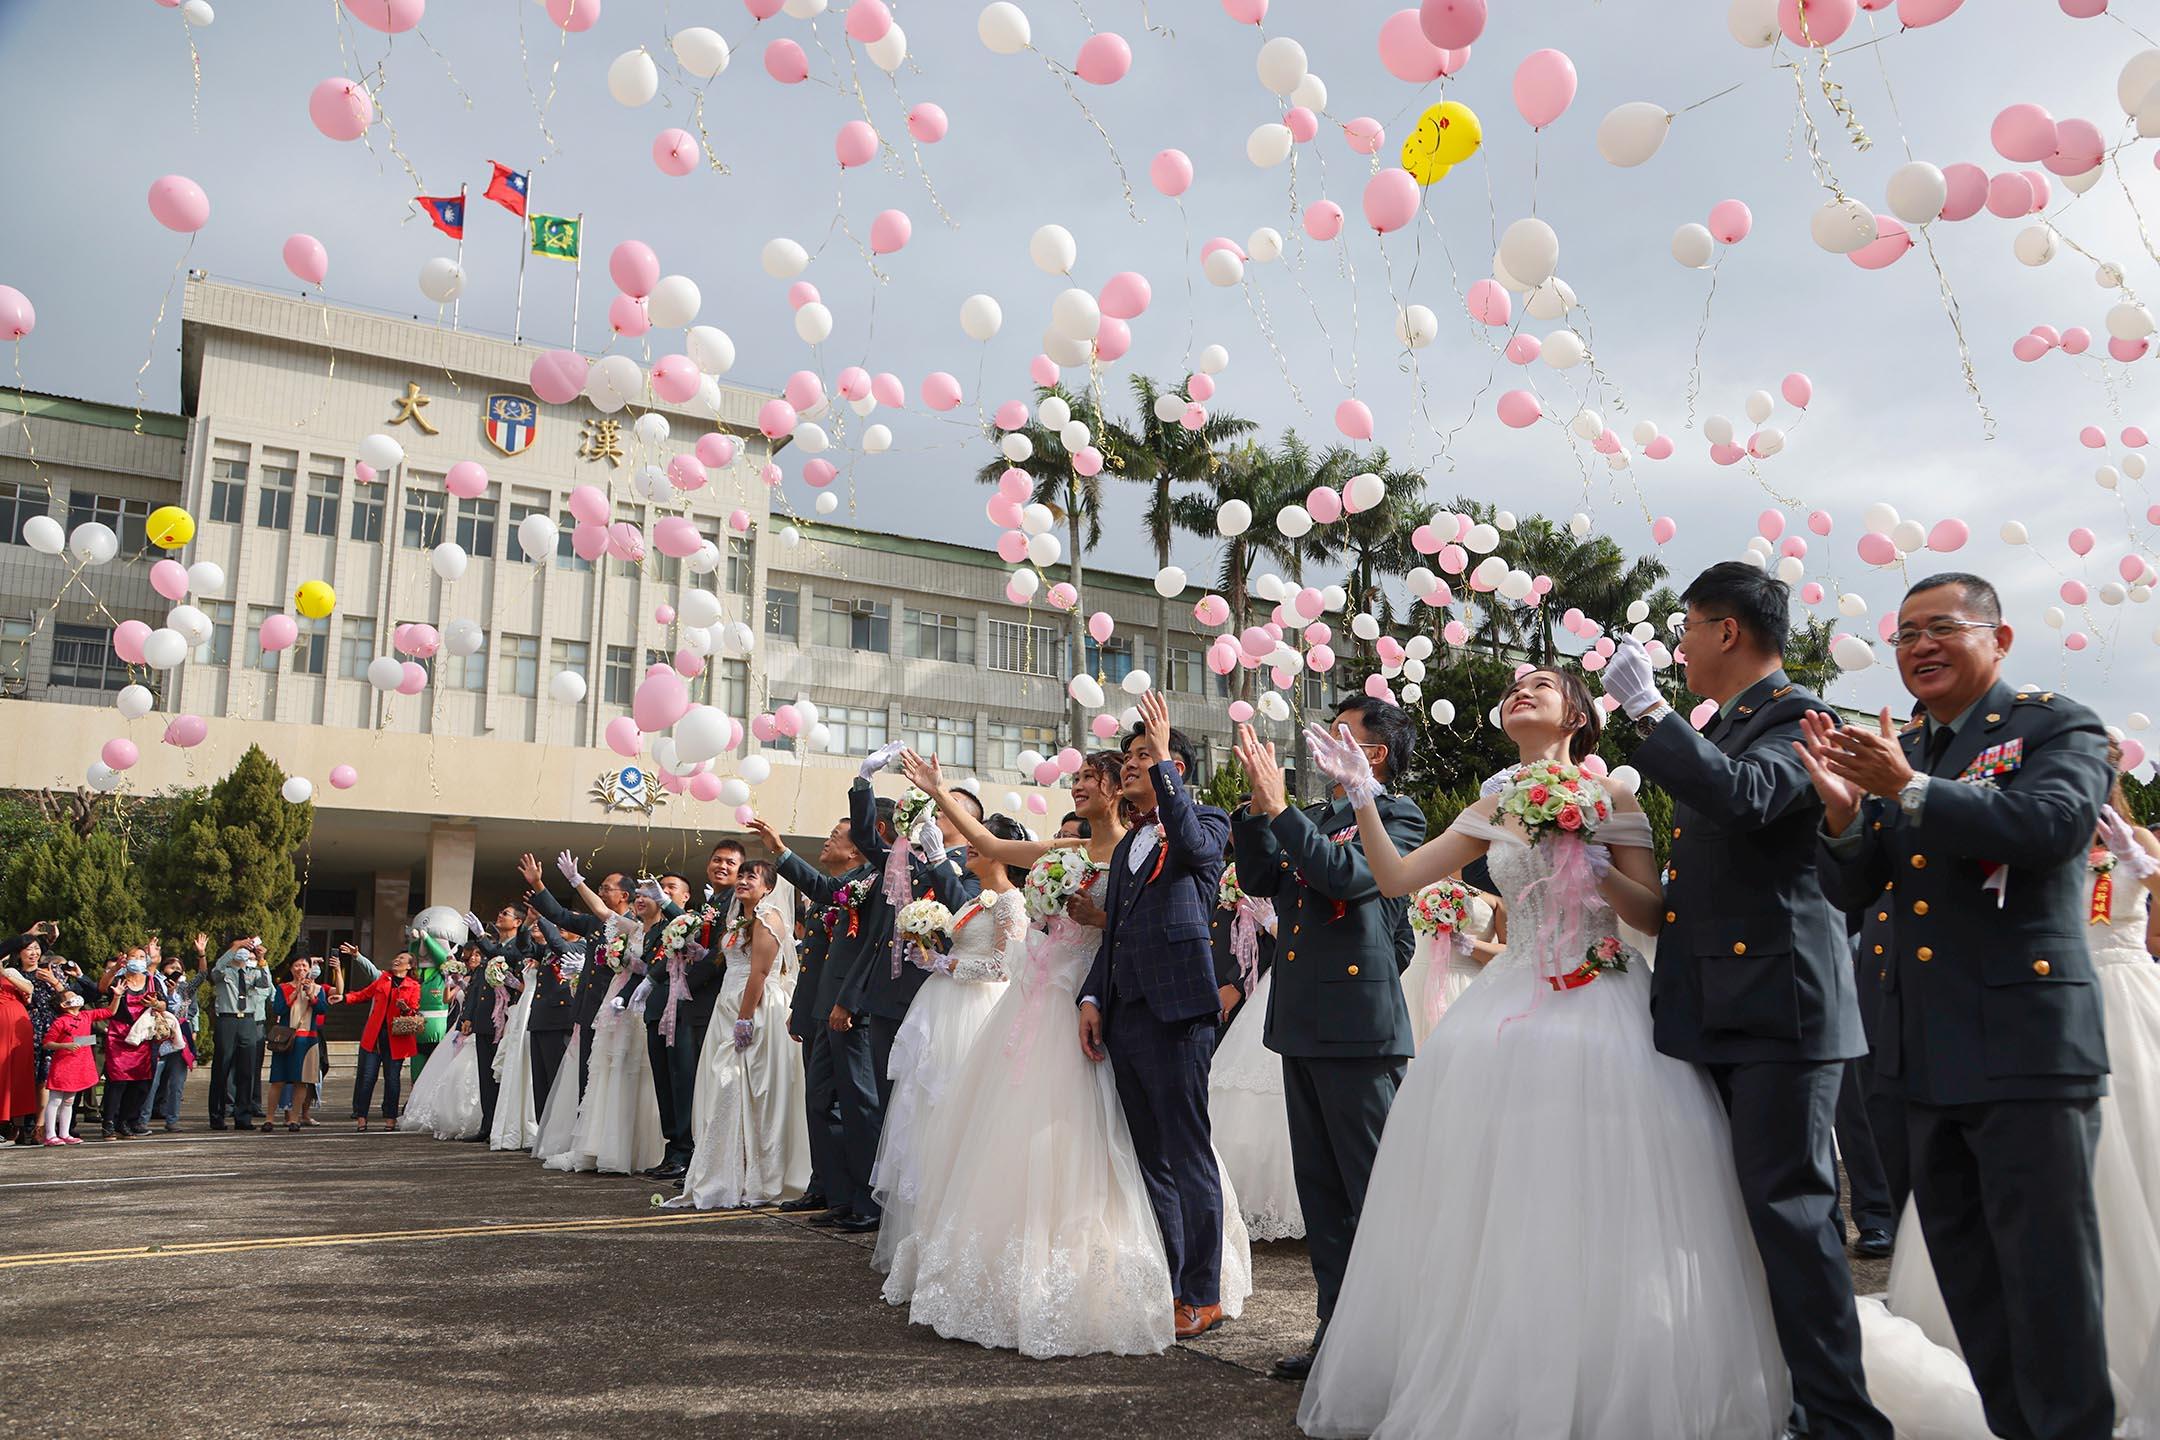 2020年10月30日台灣桃園,大規模的軍方聯合婚禮中,188對夫婦放氣球。